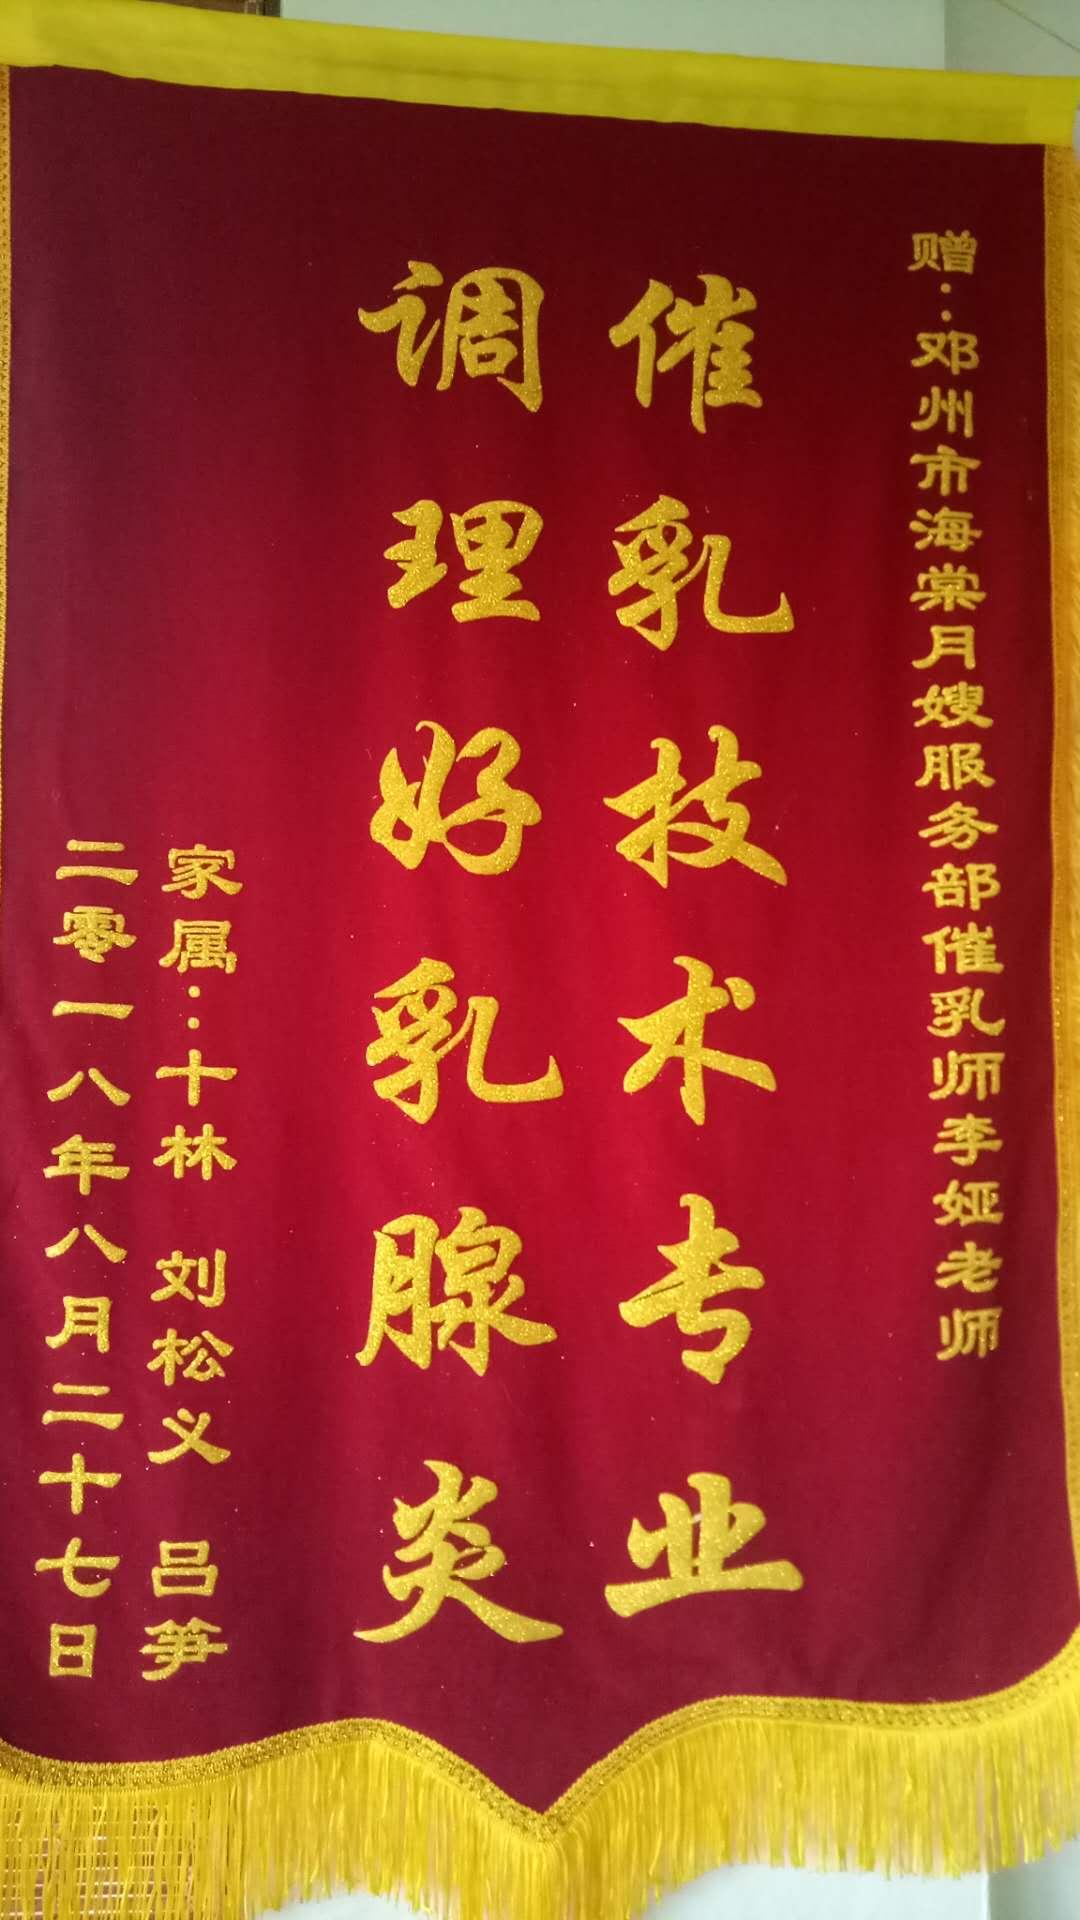 吕女士夫妇赠与李娅老师锦旗